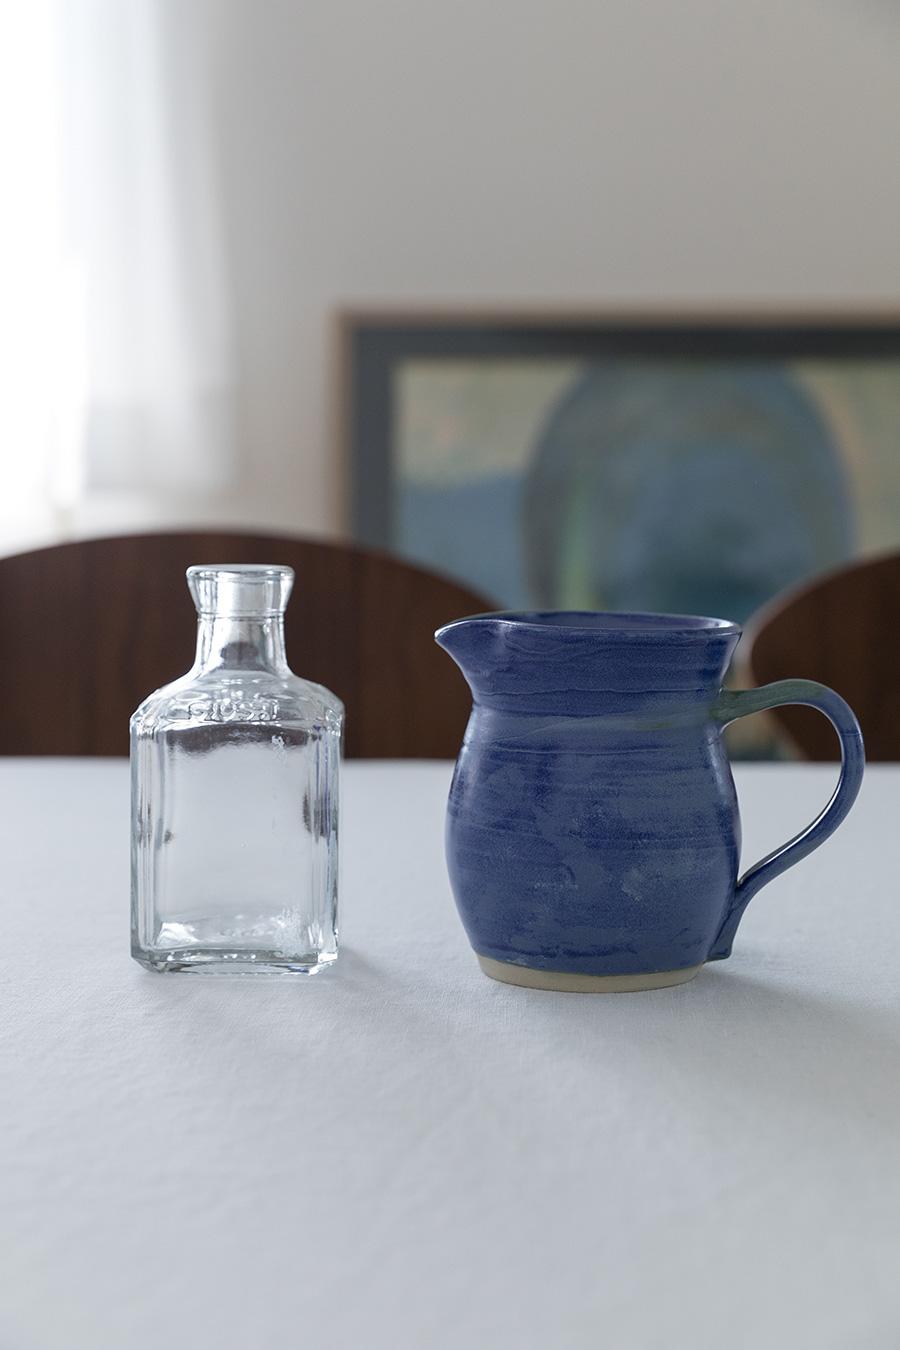 右のミルクピッチャーは、タスマニアのマーケットで購入。左はスパイスの空き瓶で、テーブルに置く花瓶として愛用。